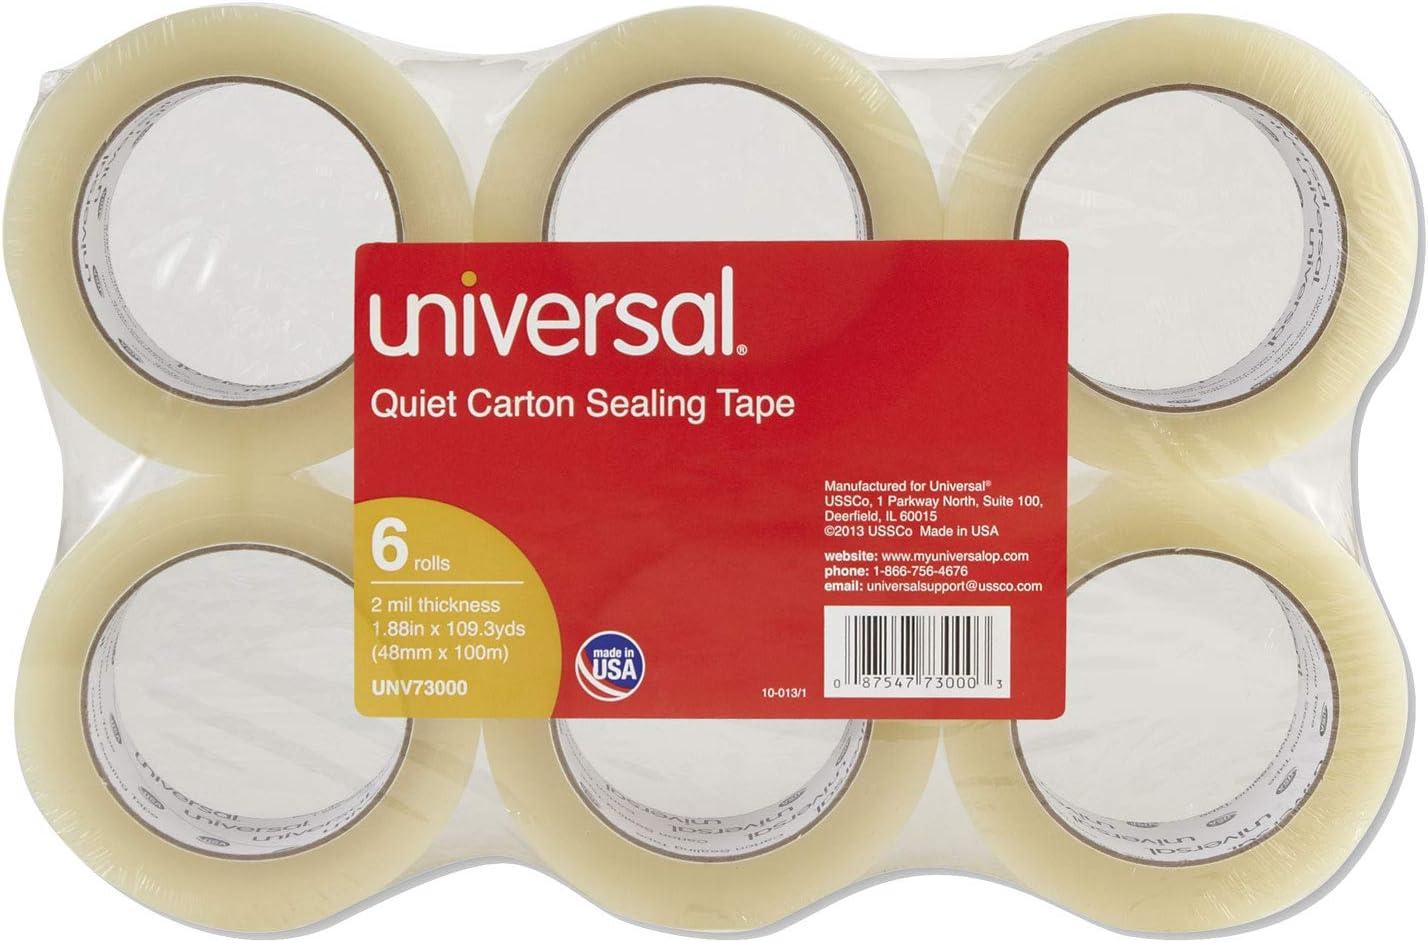 UNV73000 Quiet Carton Sealing Tape